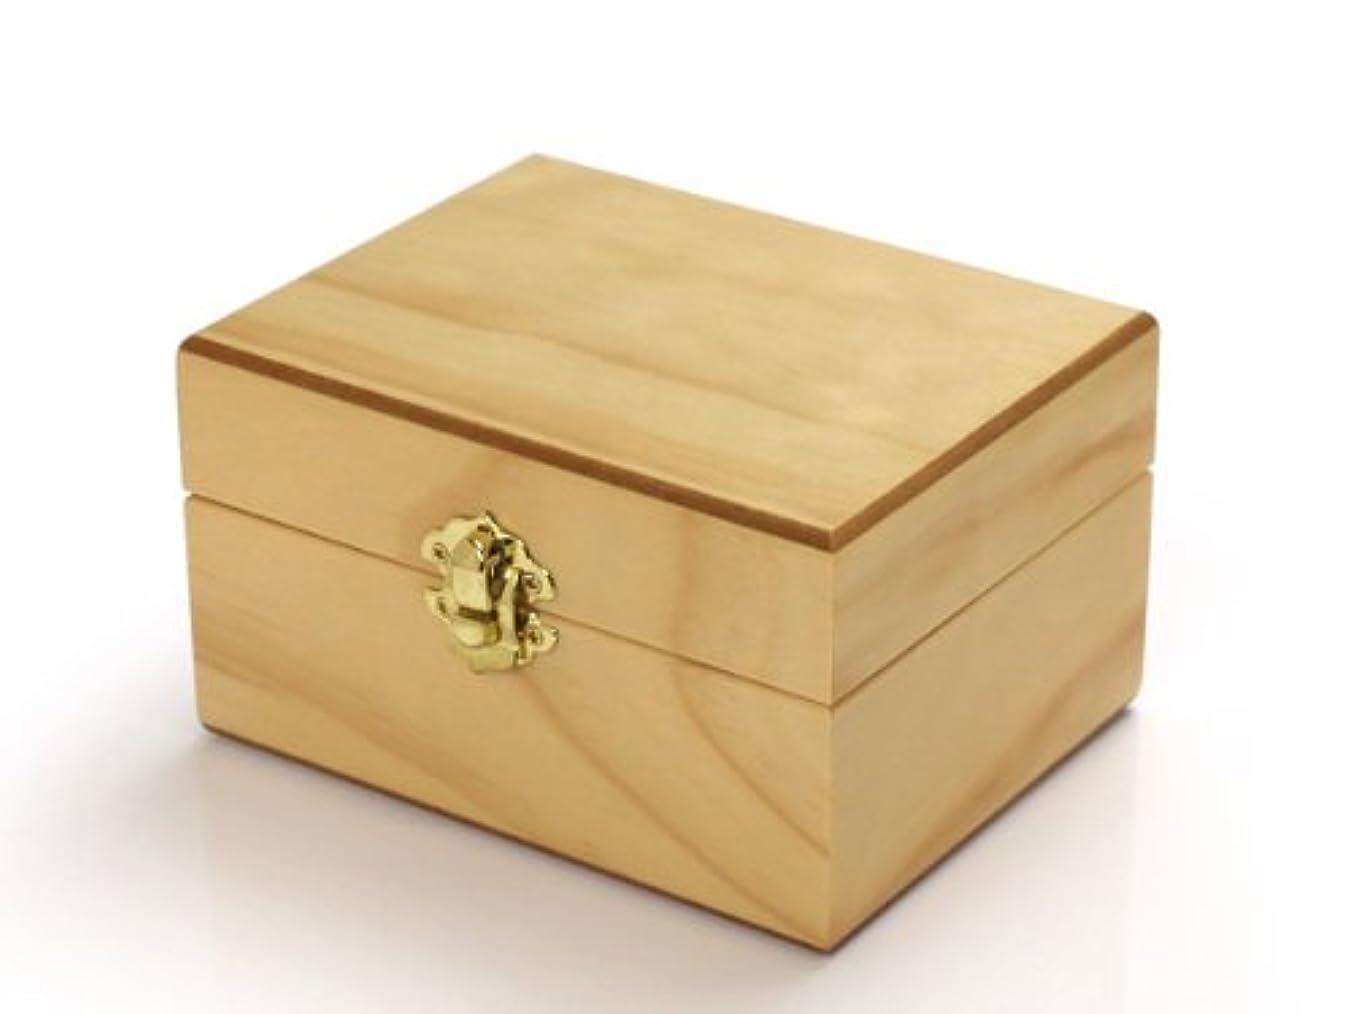 めまい避難抗生物質エッセンシャルオイル収納ボックス 12本用